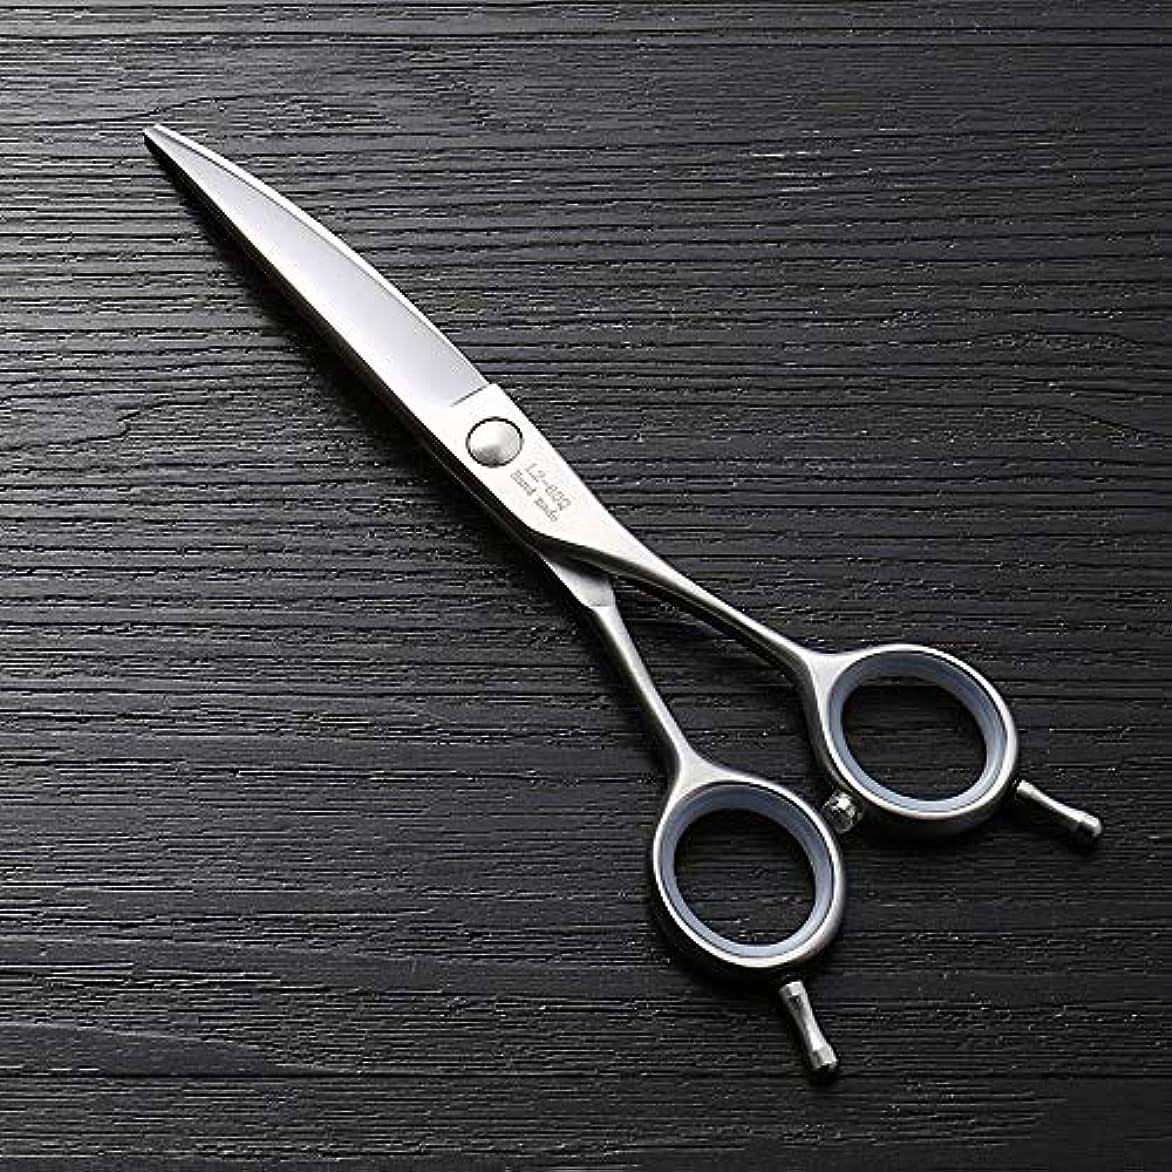 ジャンプ気取らない慈悲深い6インチワープカットフラット理髪ツール、トレンド新しいヘアカットはさみ モデリングツール (色 : Silver)